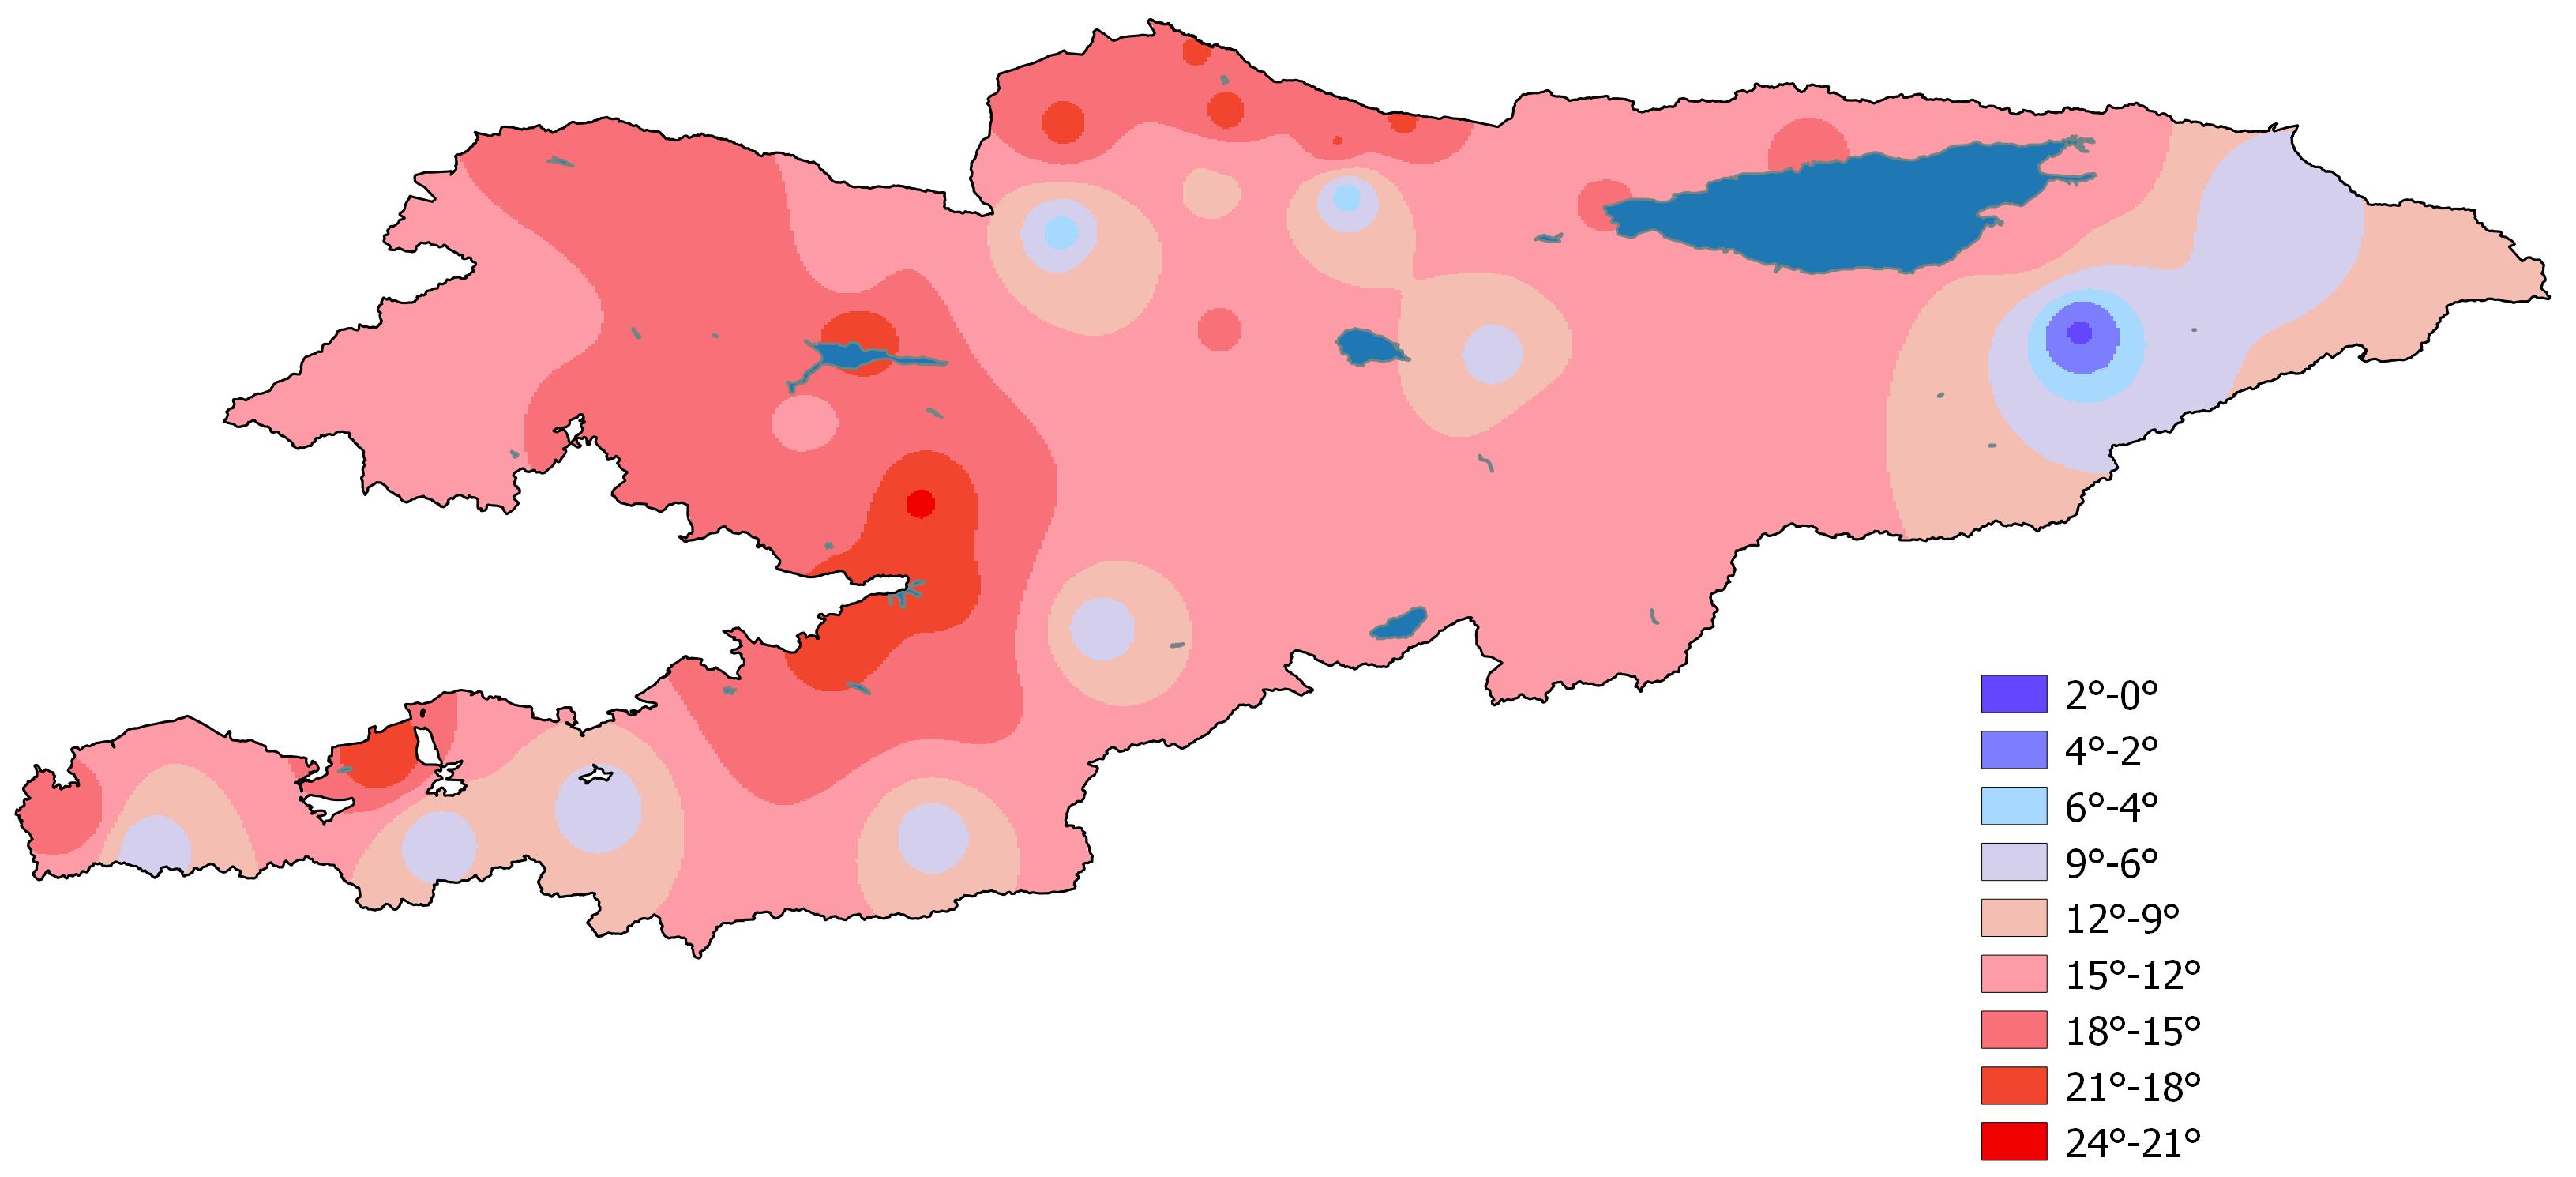 Среднемесячная температура воздуха в сентябре 2019 года